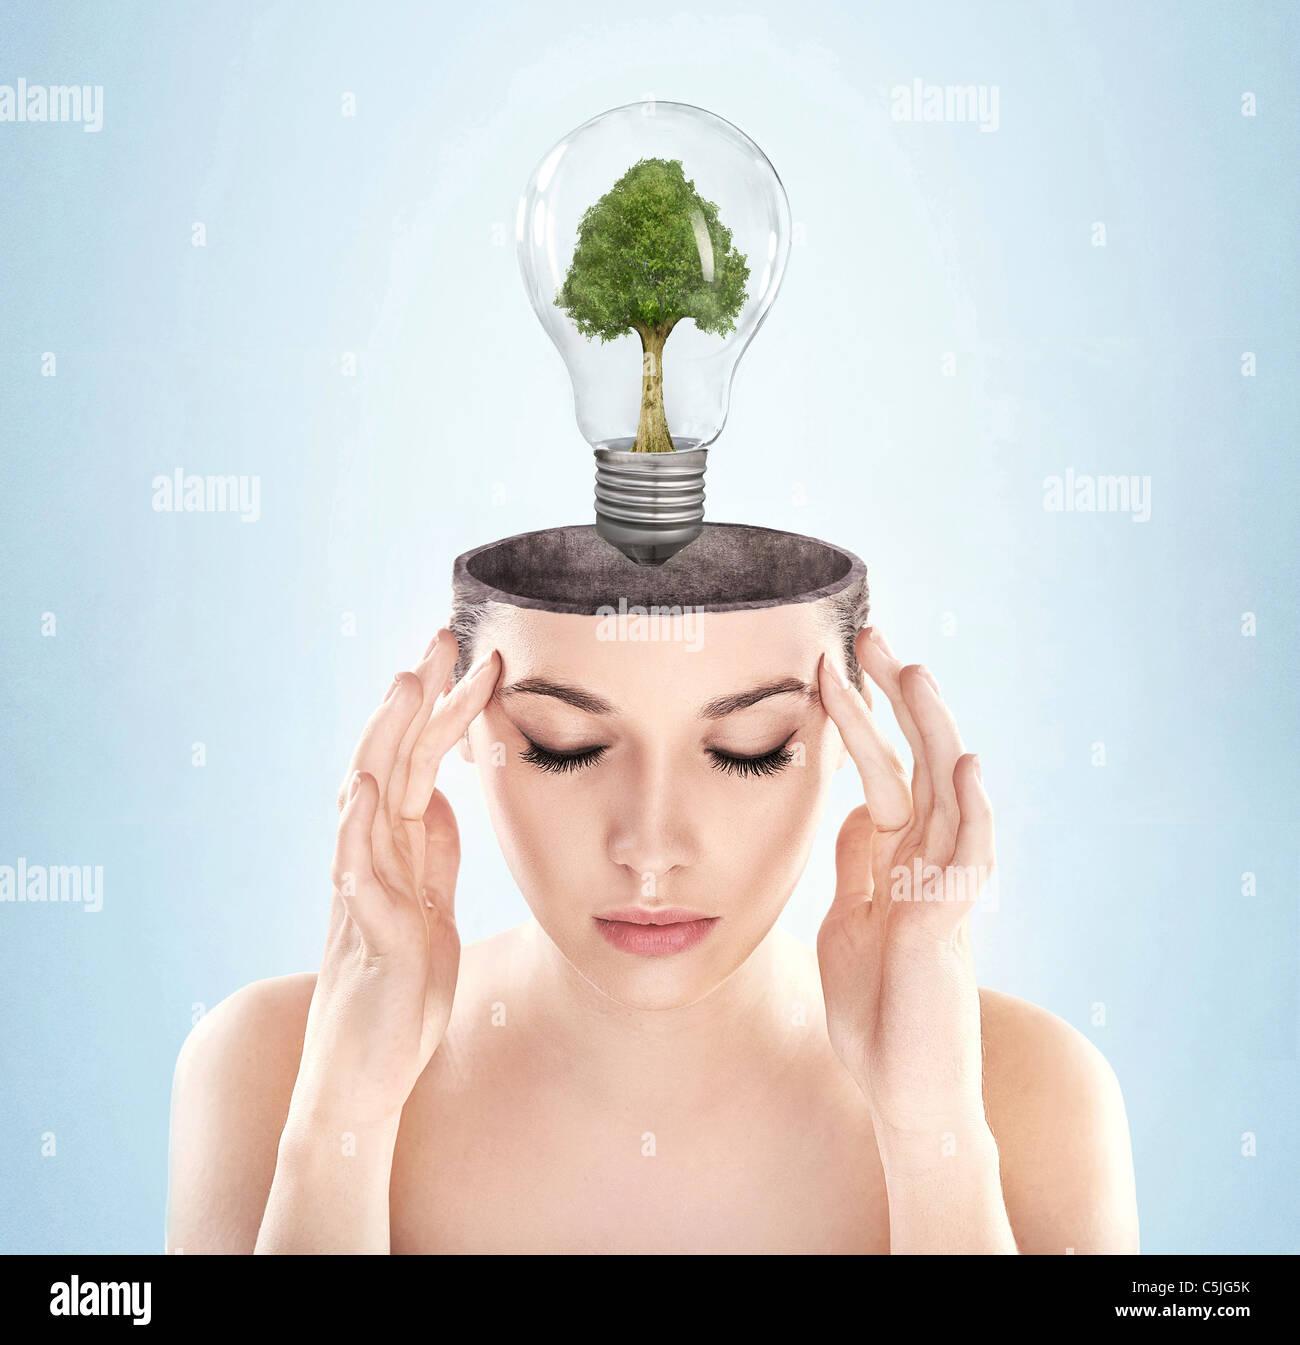 Open minded donna verde con il simbolo di energia Immagini Stock